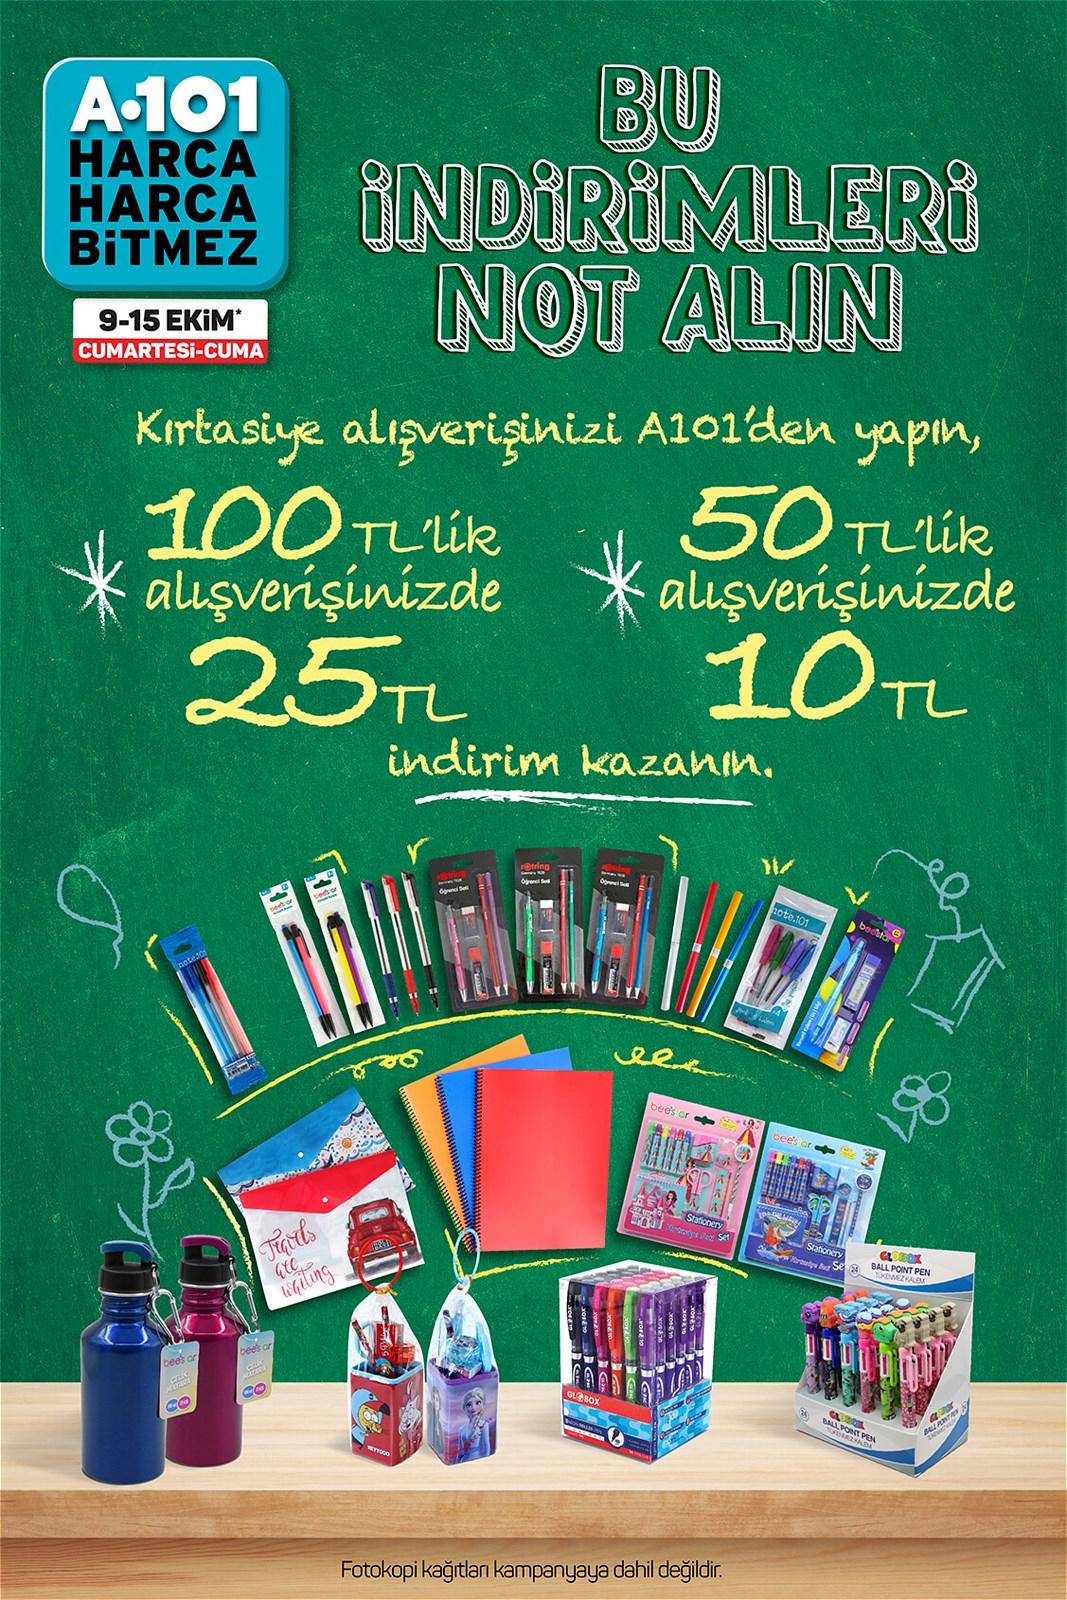 09.10.2021 A101 broşürü 3. sayfa